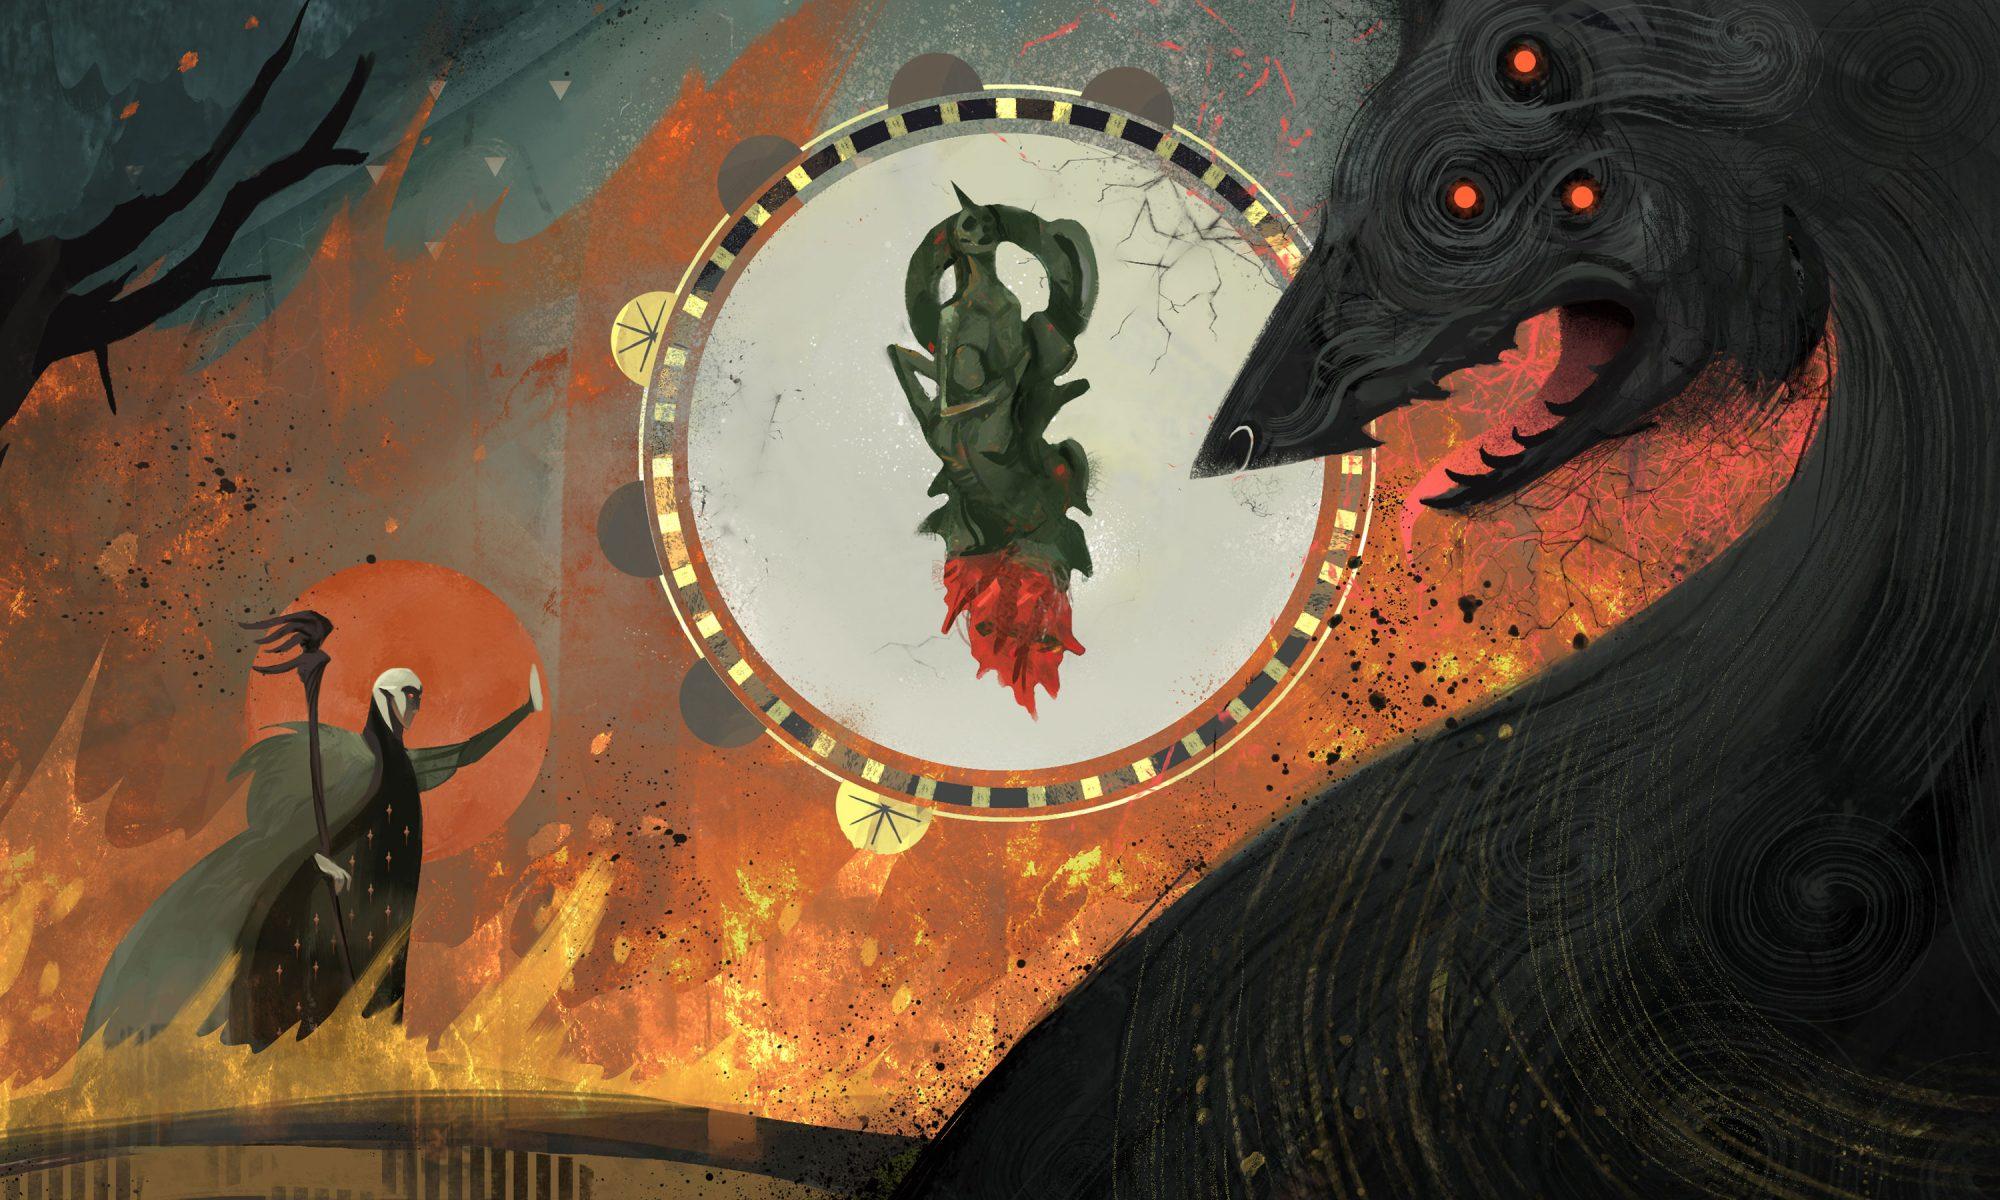 BIOWARE_Mural_FLAME_LAYERS